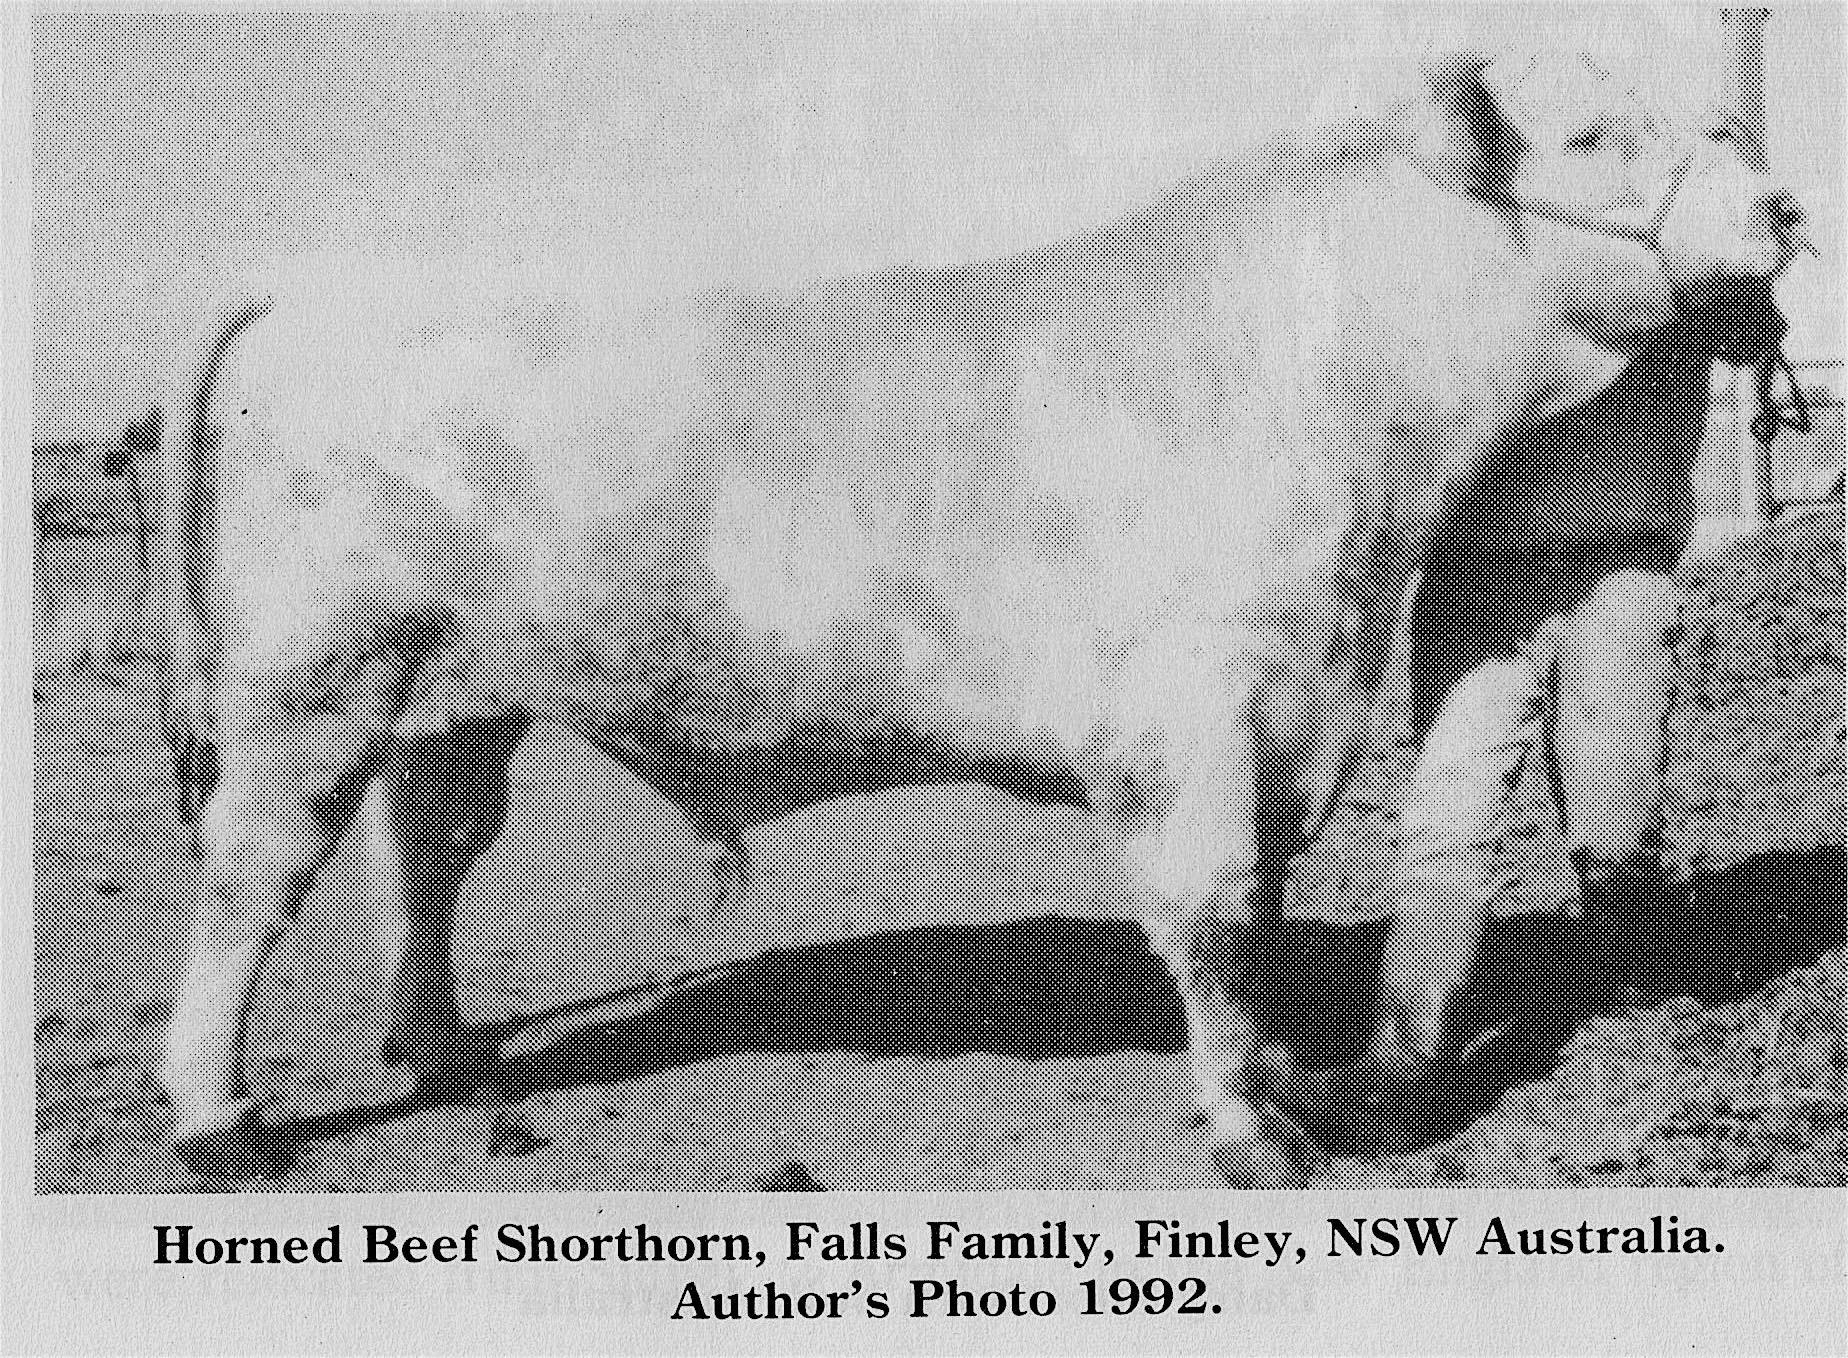 Horned Beef Shorthorn-- Falls Family, NSW Australia